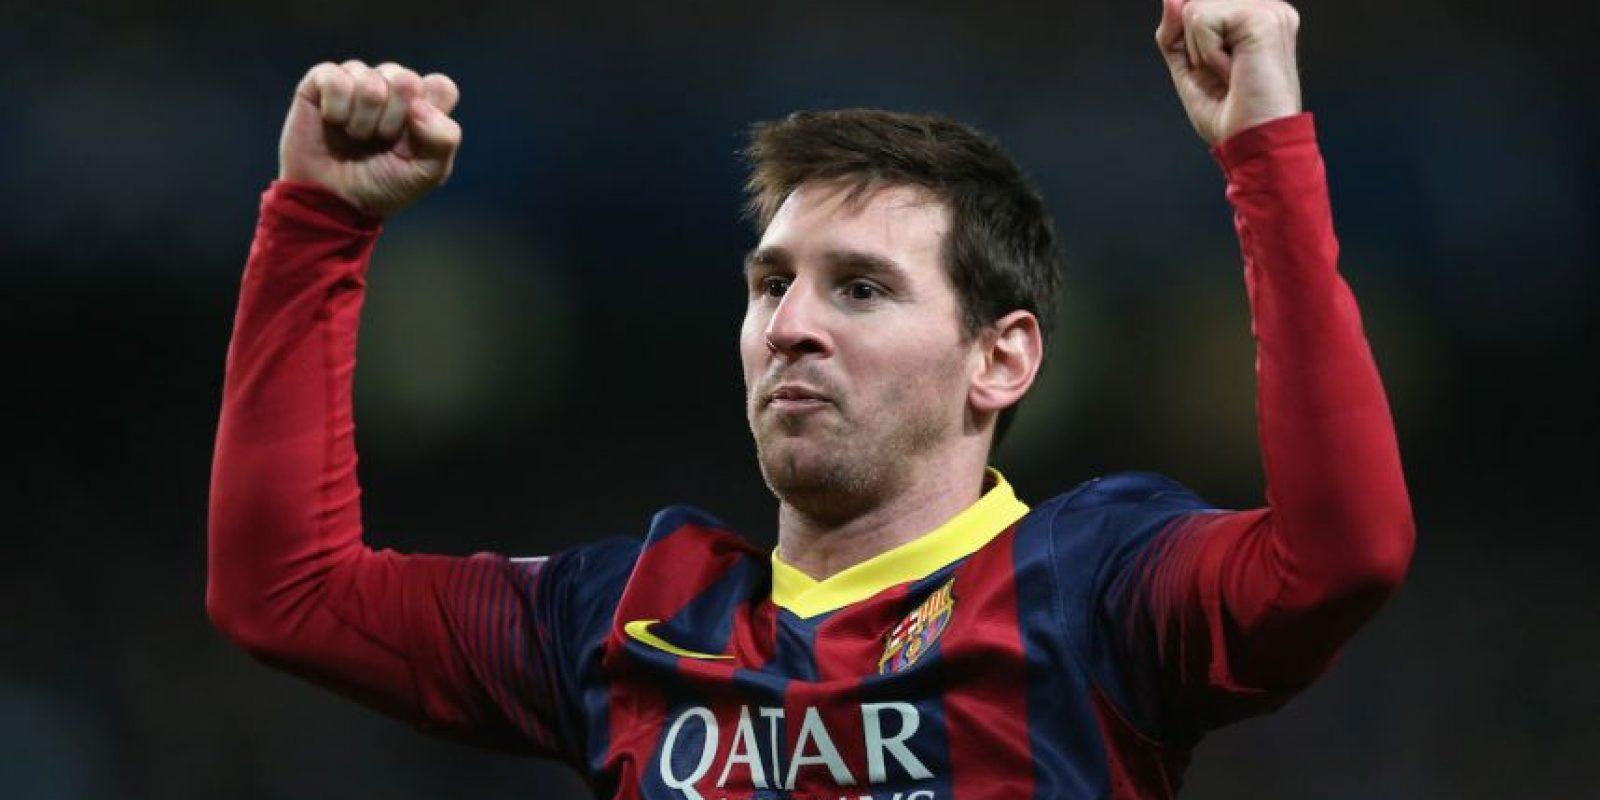 A lo largo de su carrera, Messi ha marcado 32 tripletes vistiendo la camiseta del Barcelona. Foto:Getty Images